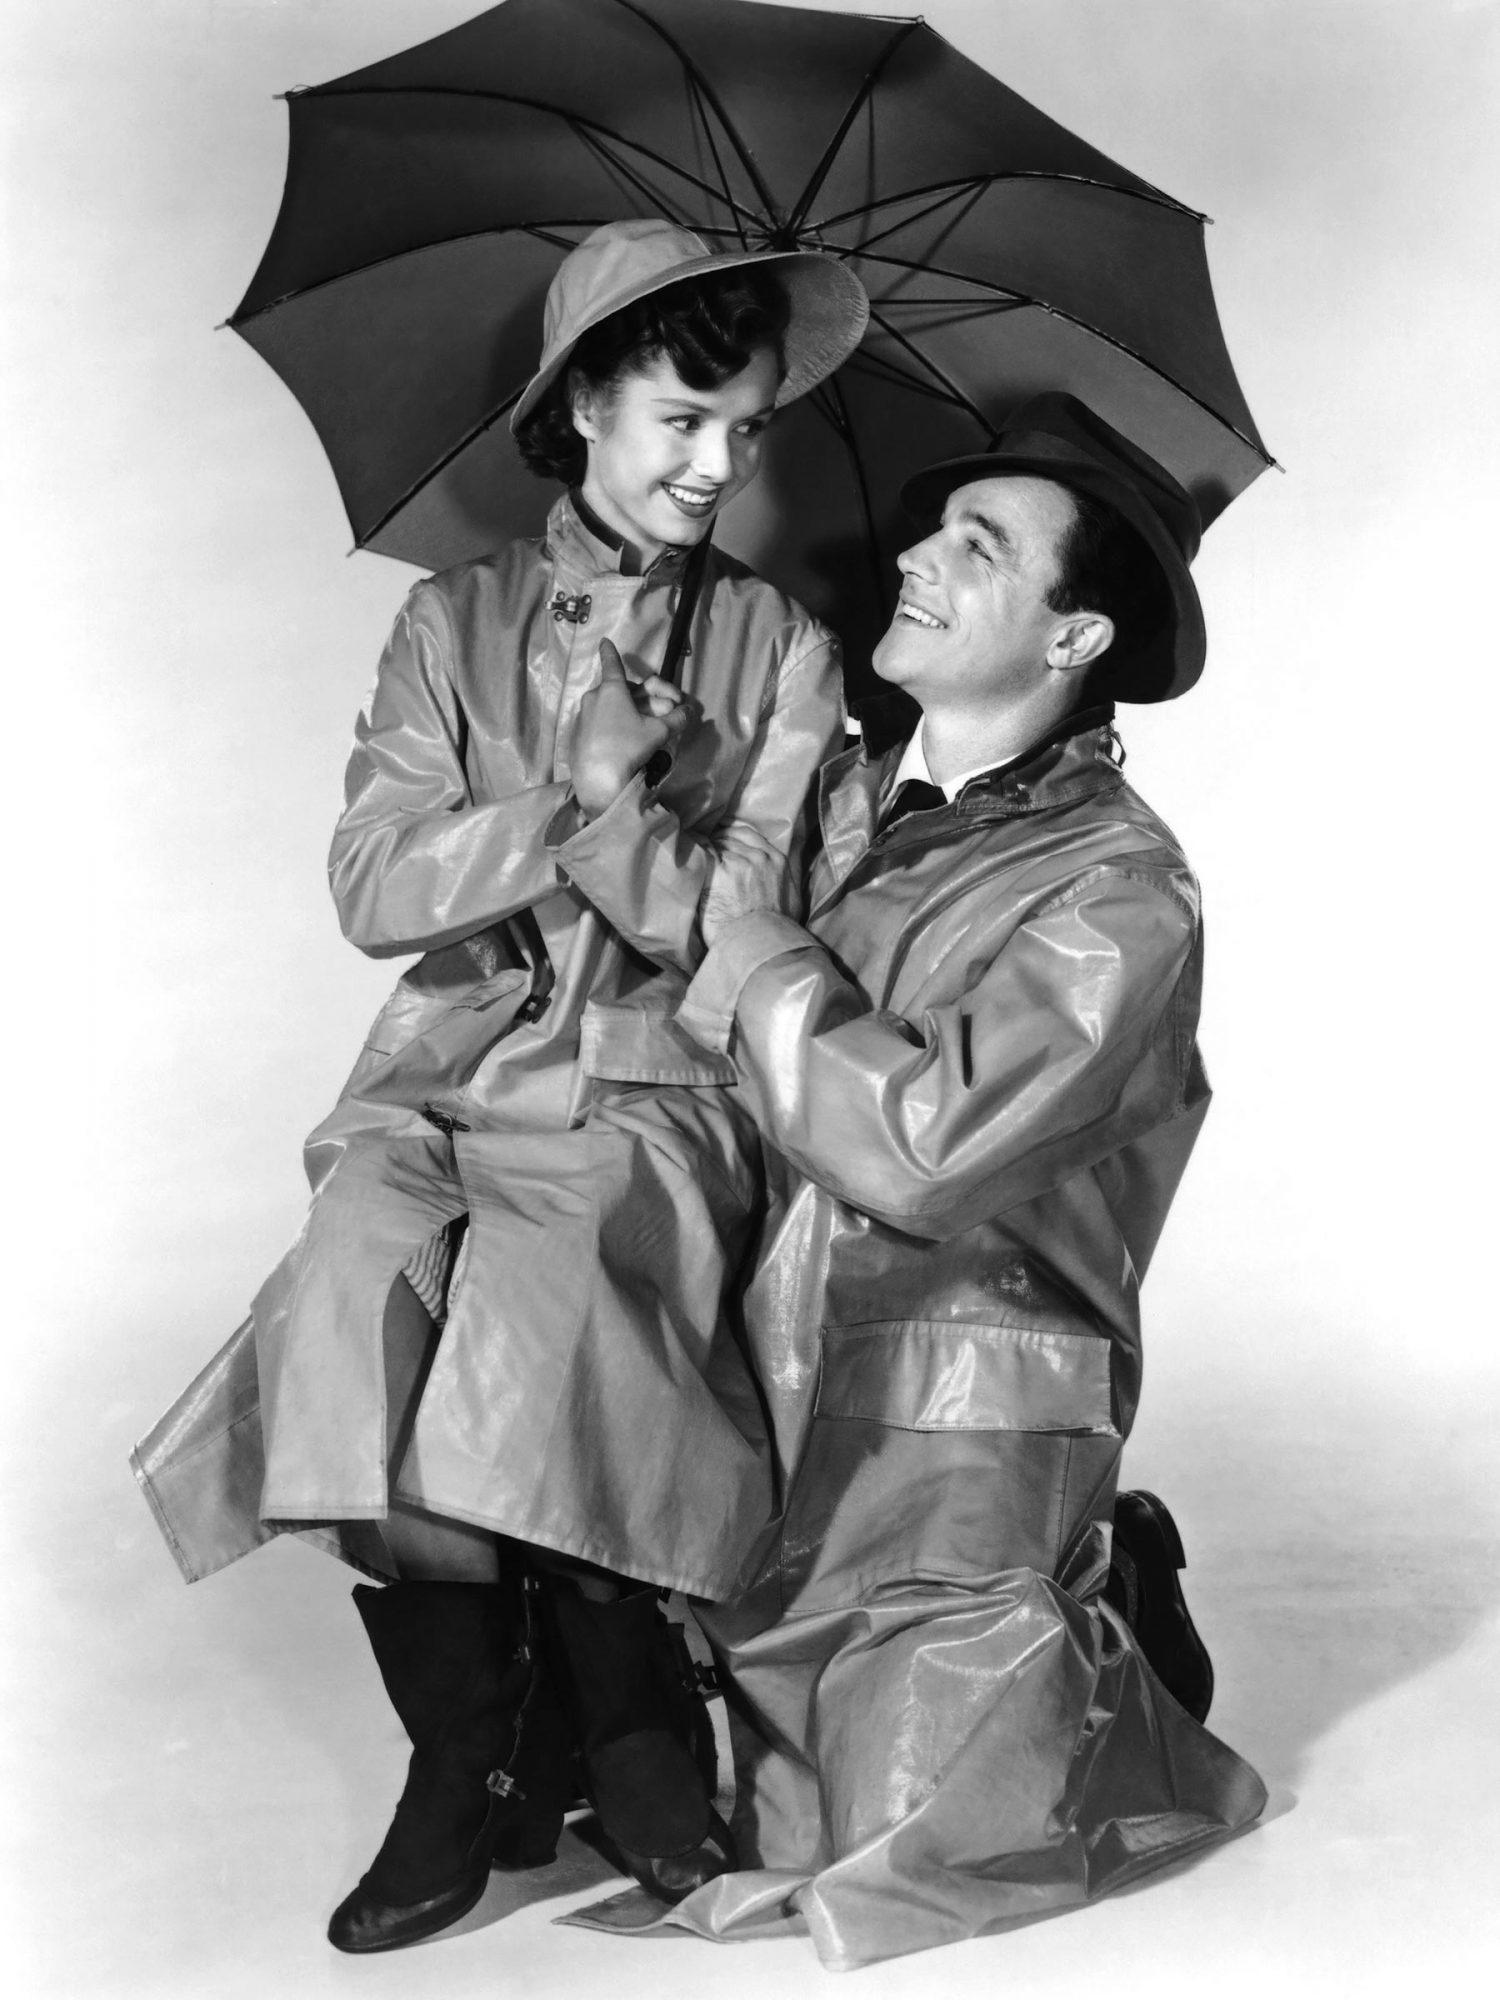 SINGIN' IN THE RAIN, from left, Debbie Reynolds, Gene Kelly, 1952